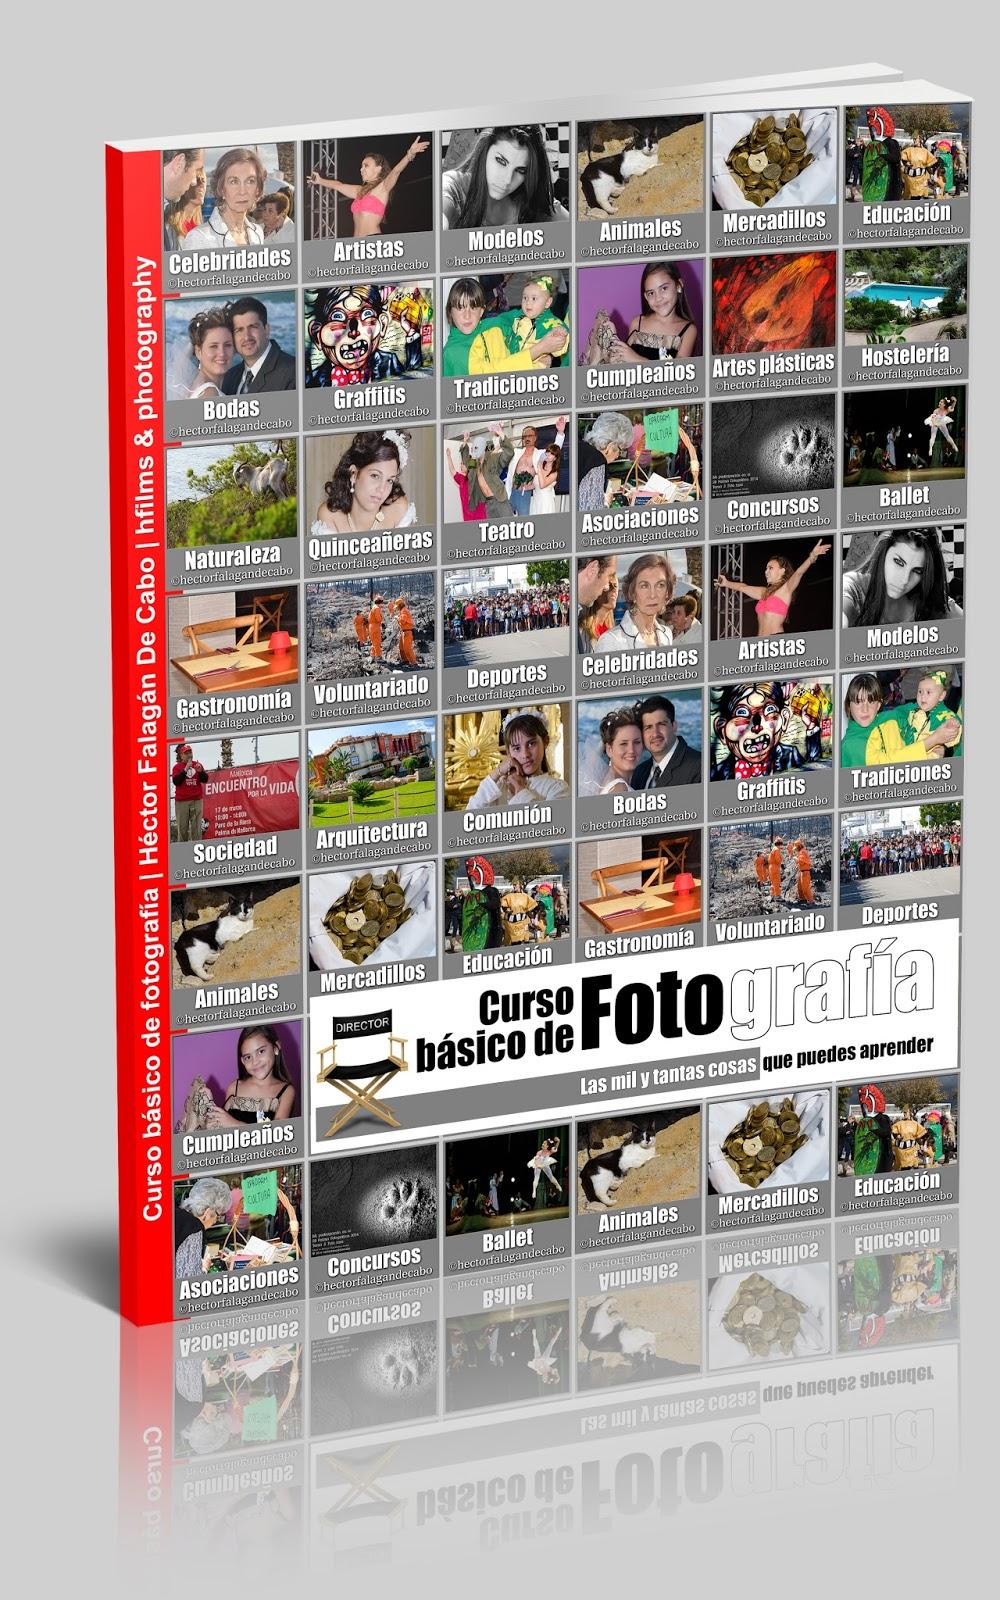 Curso básico de Fotografía. Héctor Falagán De Cabo | hfilms & photography. Mallorca, Islas Baleares, España